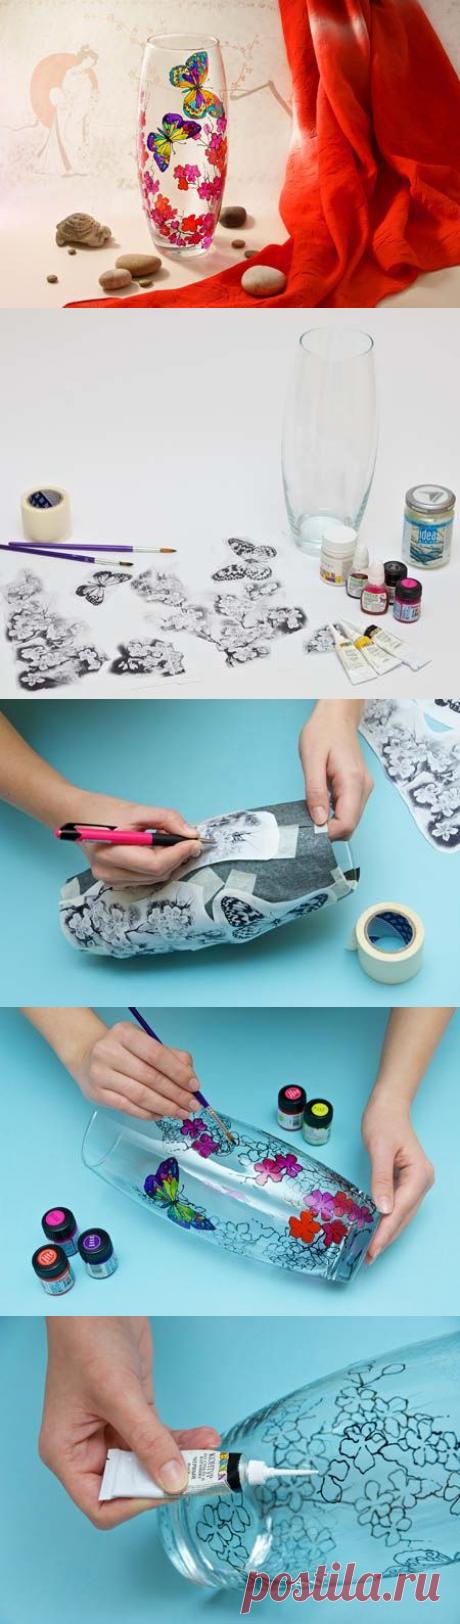 Как делать - витражная роспись на вазе (мастер-класс)